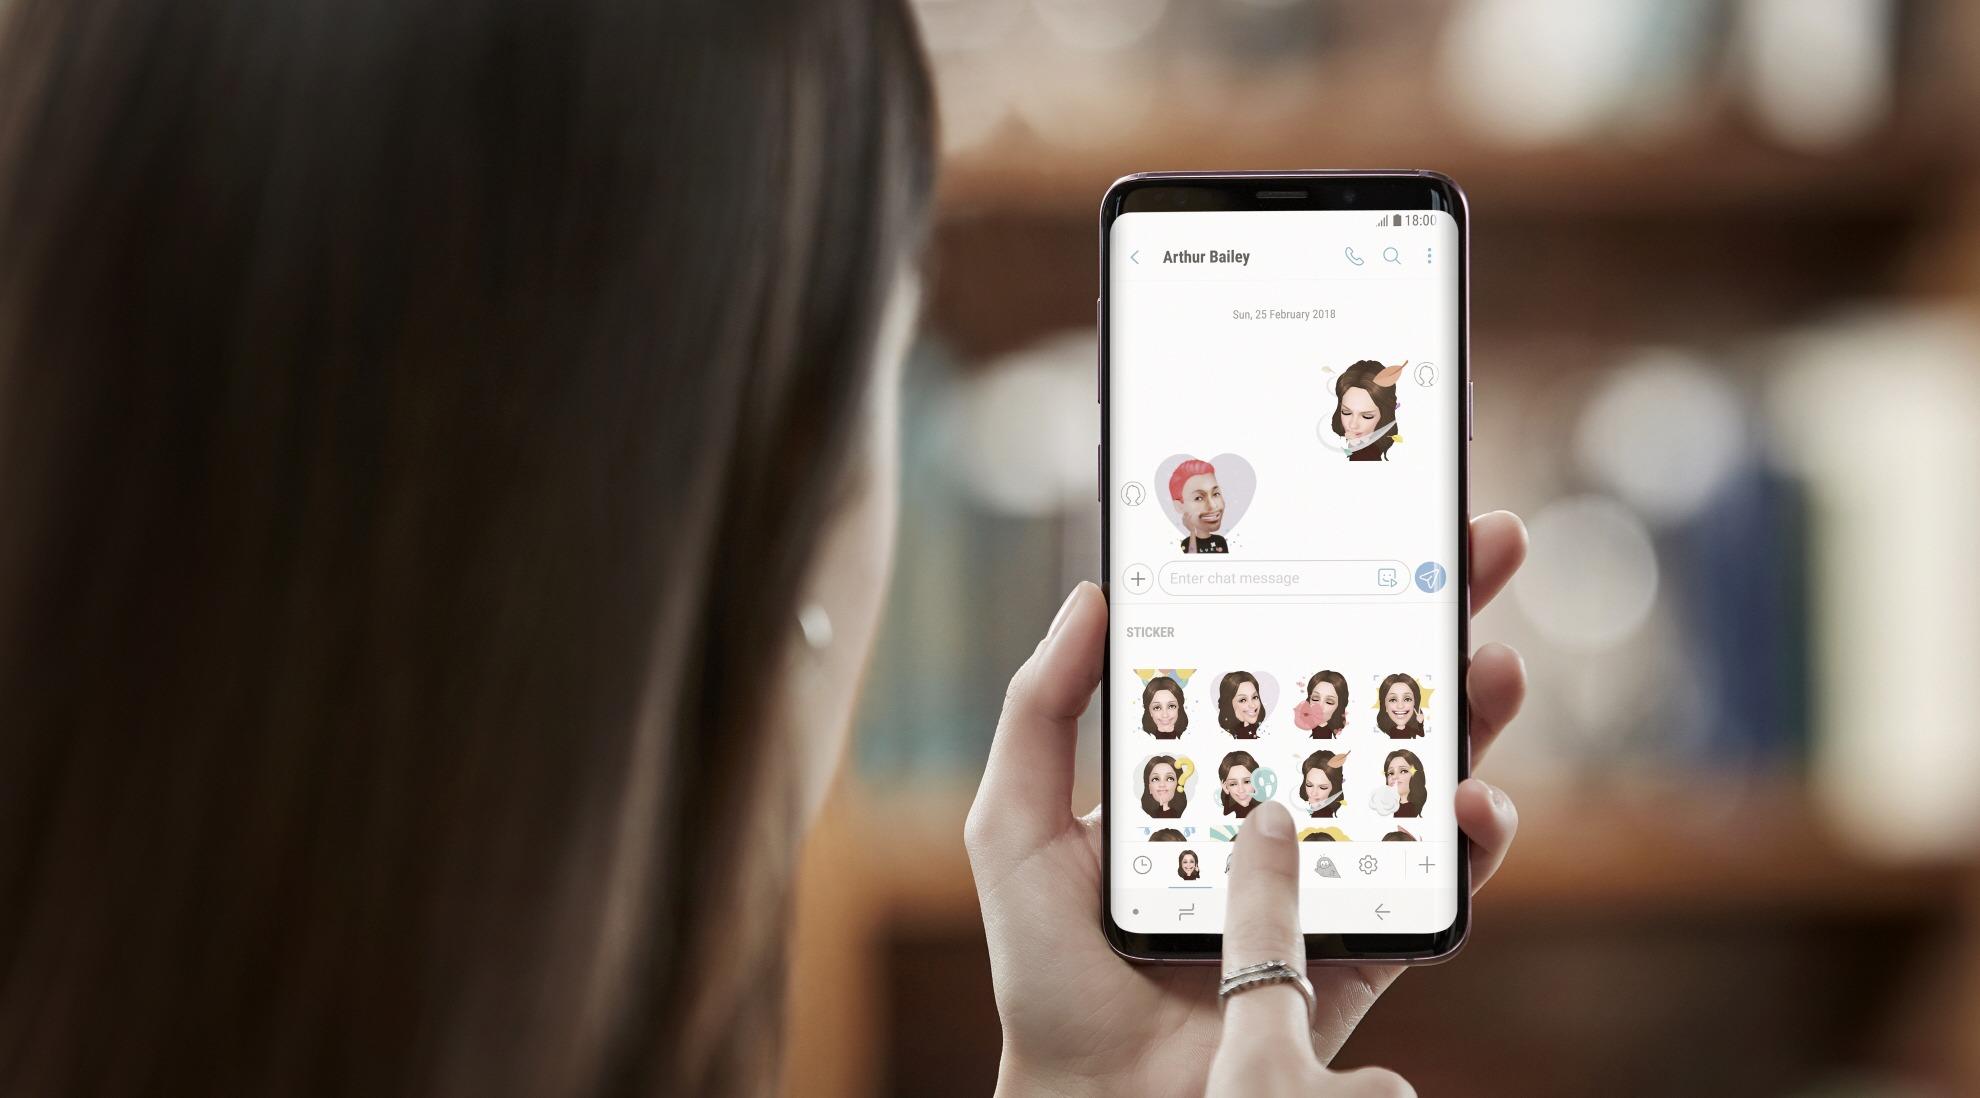 Galaxy S9. - افشا اطلاعات جدید از گوشی Galaxy S9